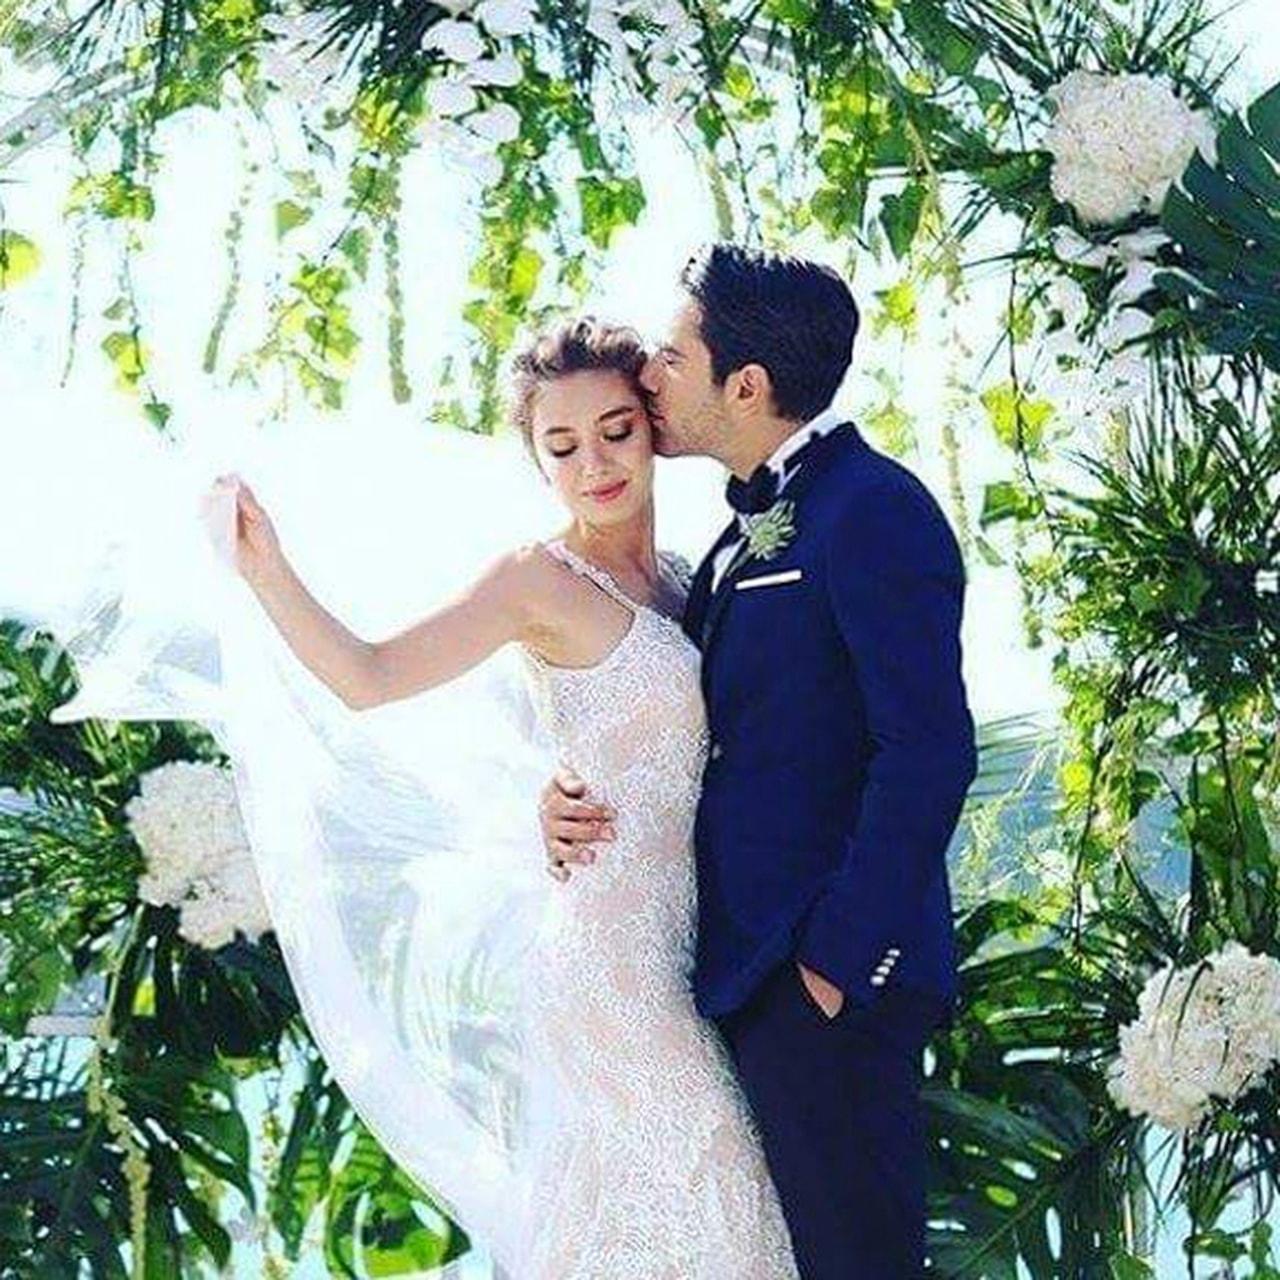 بالصور صور زفاف , اروع صورة عن ليلة الزفاف 875 7